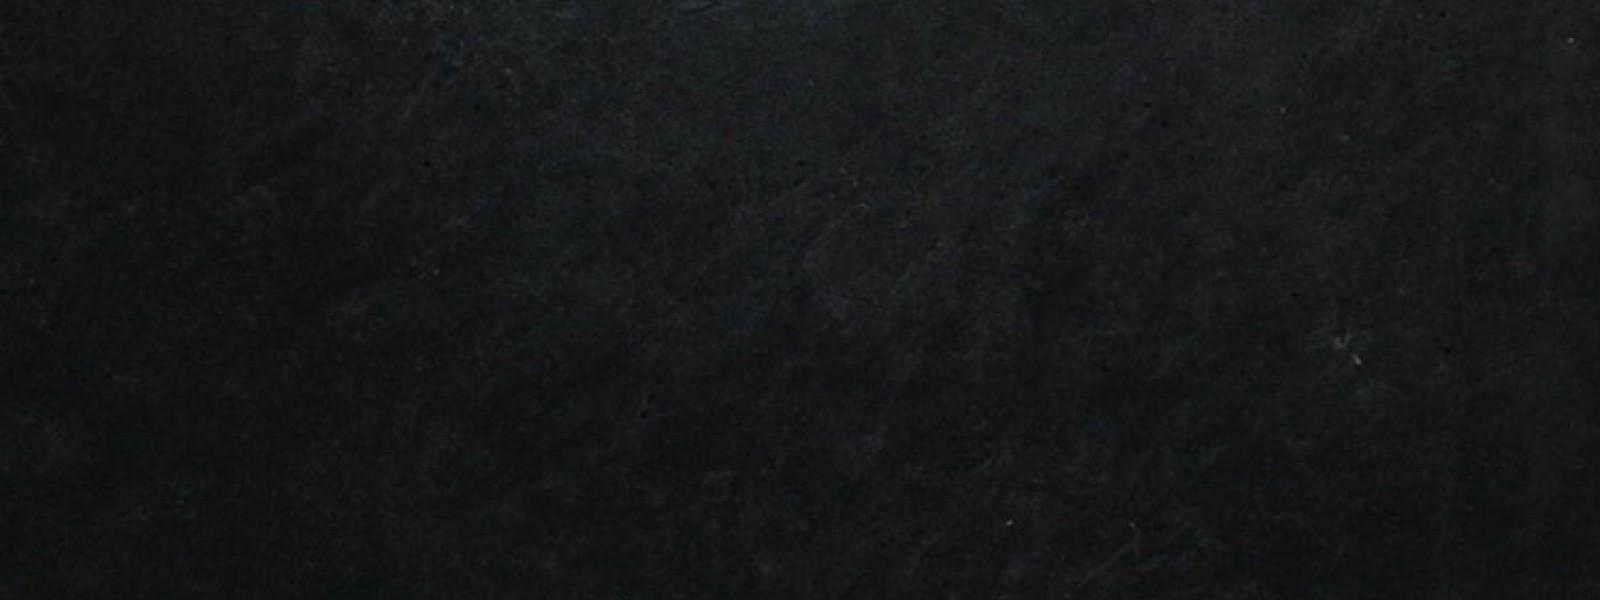 Evenos Black